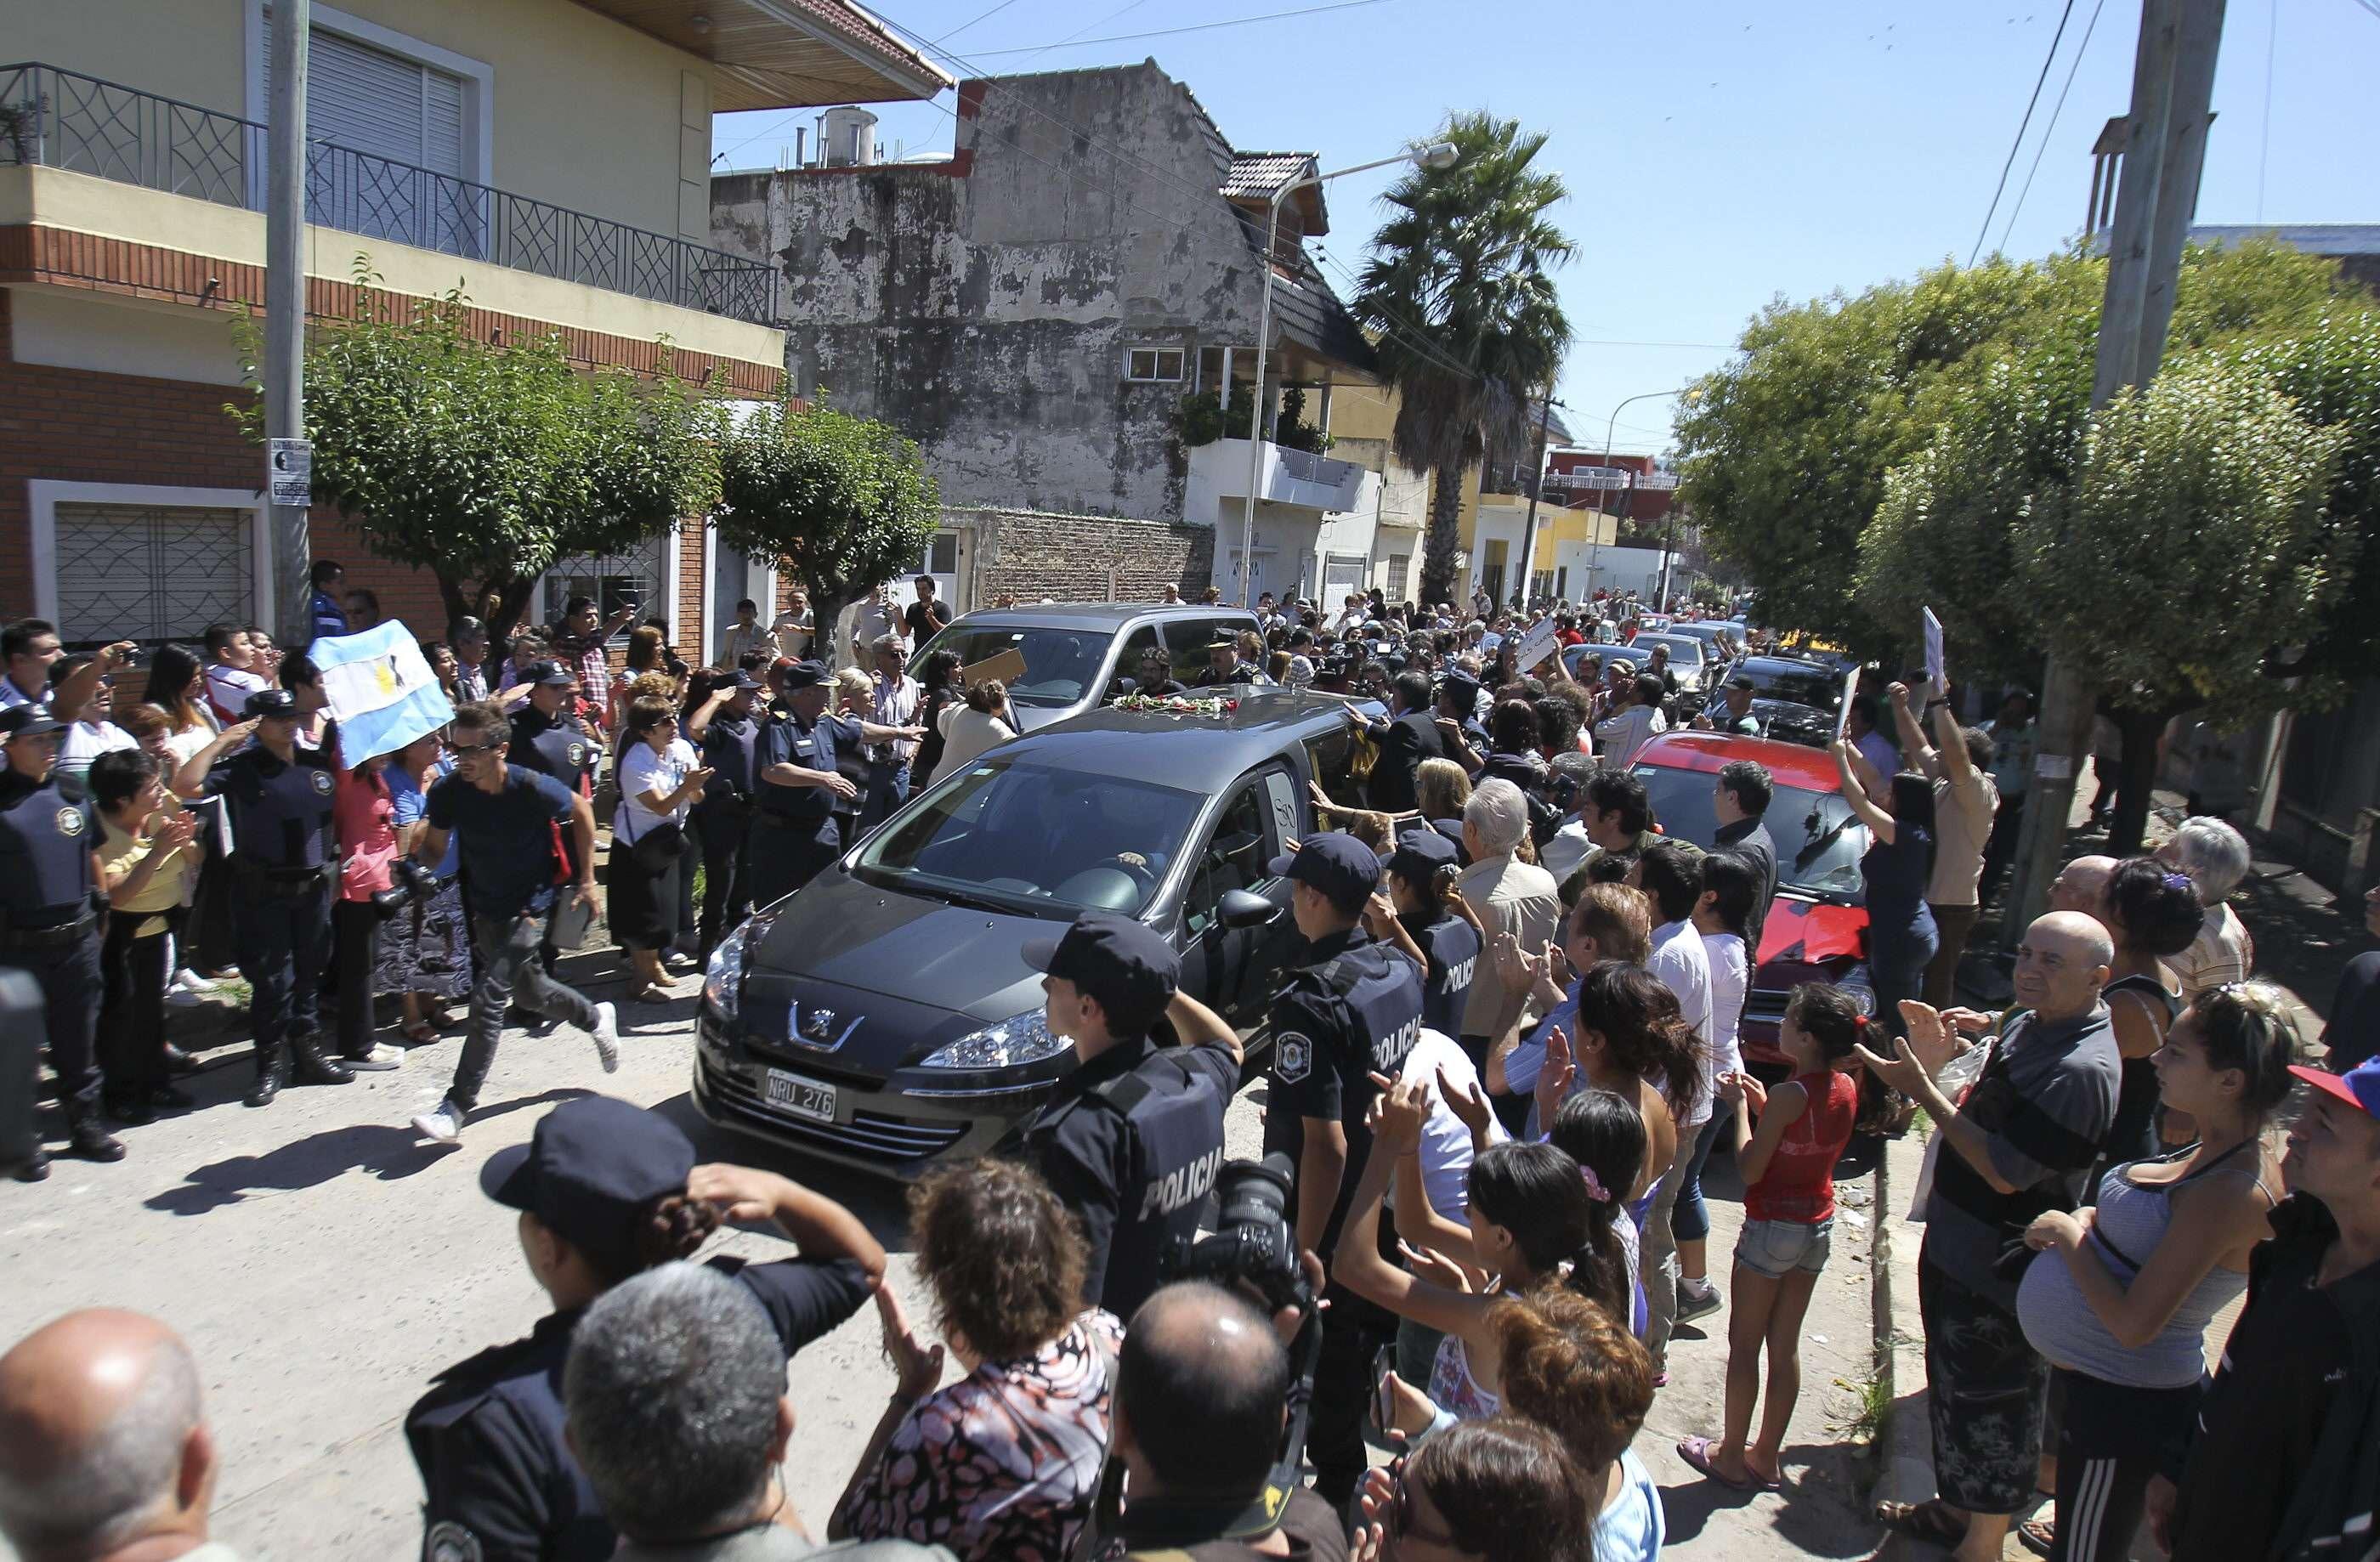 El fiscal Alberto Nisman fue enterrado este jueves en el sector nuevo del cementerio de La Tablada, donde descansan los restos de los caídos en las guerras de Israel. Próximo al sitio donde descansarán sus restos, se levantaron gazebos de lona color verde para albergar a los asistentes a la ceremonia religiosa con la que se dio el último adiós a Nisman. Foto: EFE